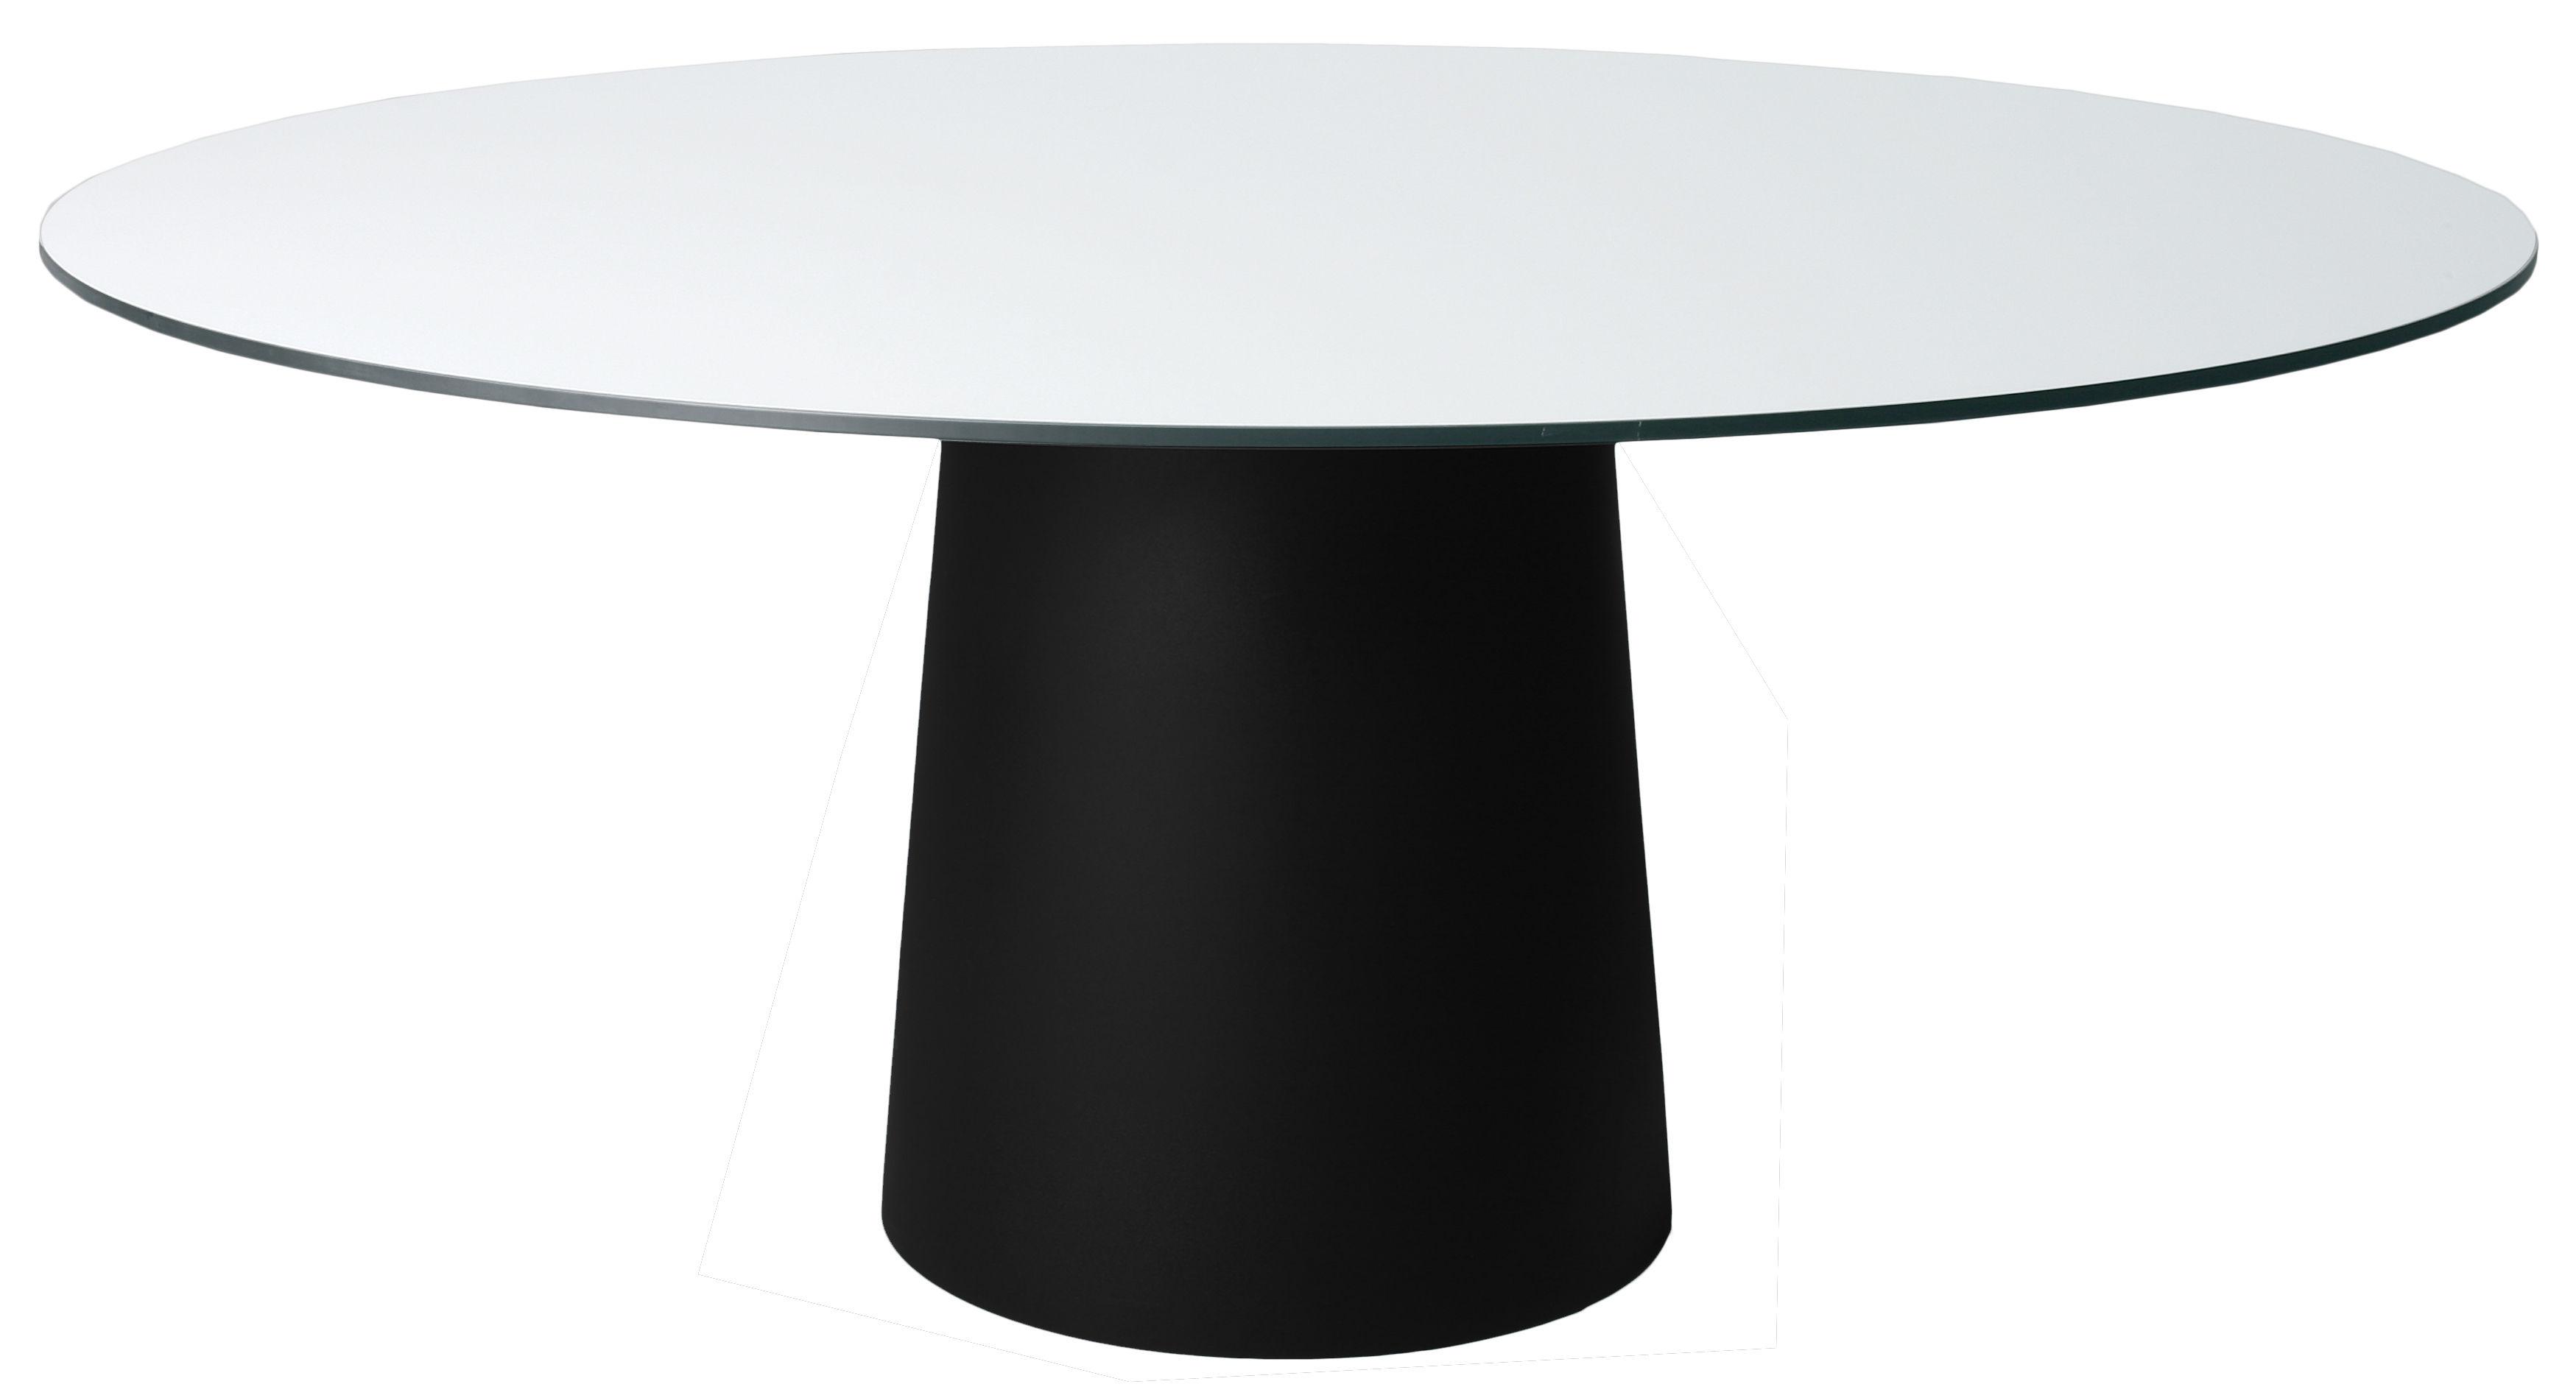 Jardin - Tables de jardin - Pied de table Container / H 70 cm - Pour plateau Ø 160 cm - Moooi - Pied noir Ø 56 x H 70 cm - Polypropylène